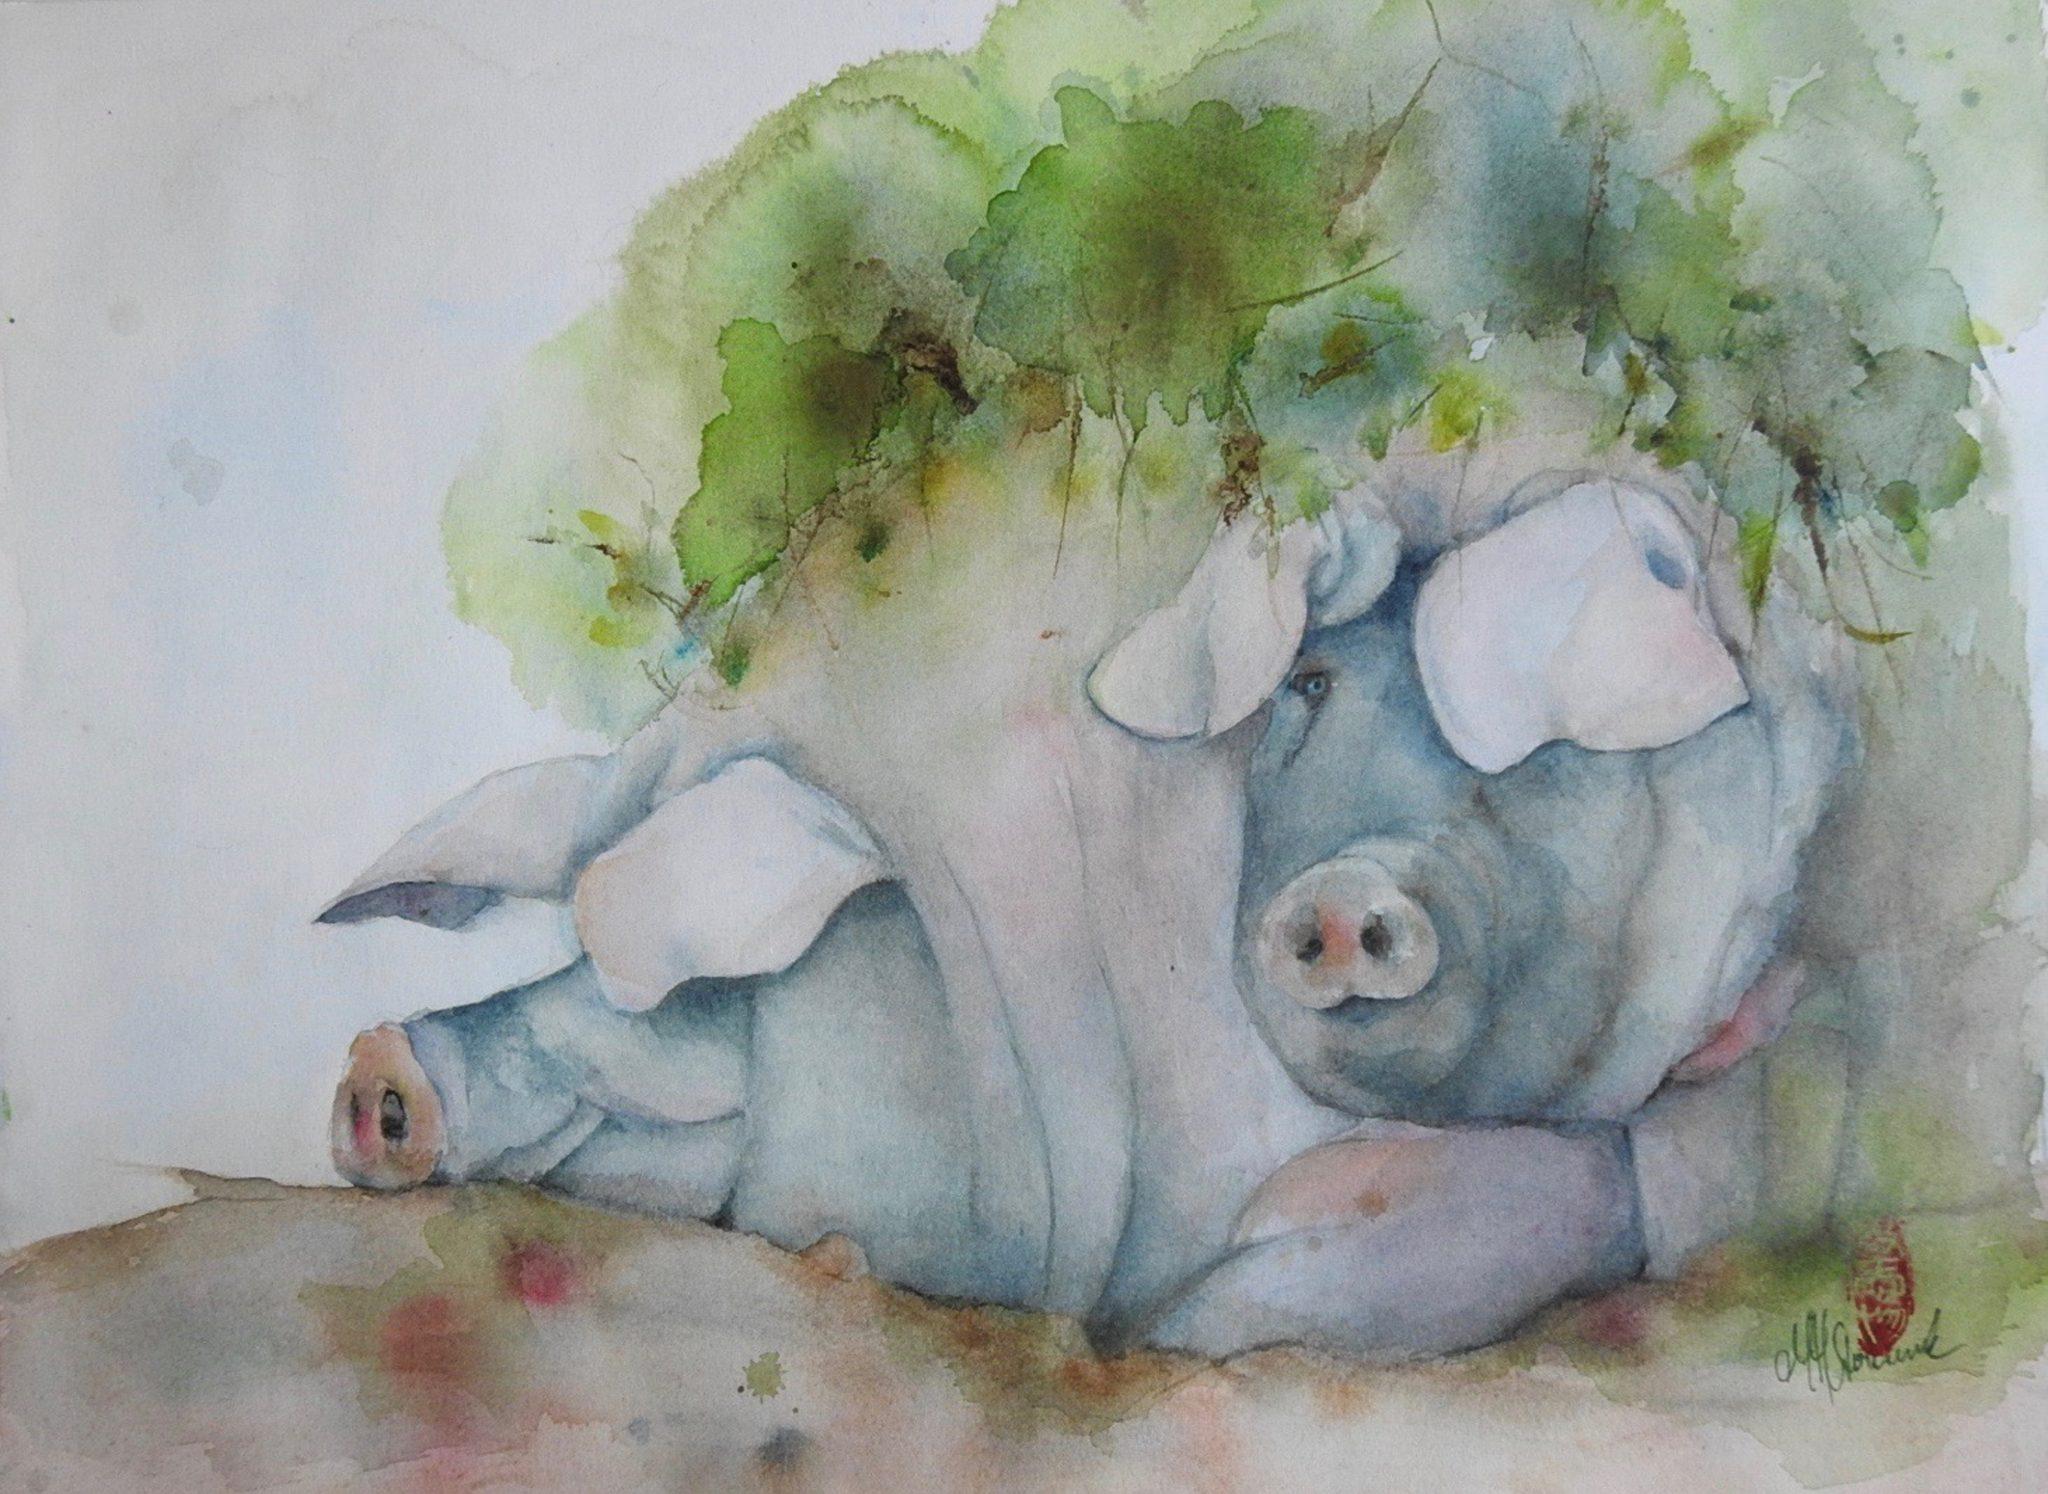 Les Cochons cul noir Limousin - 60x46 cm